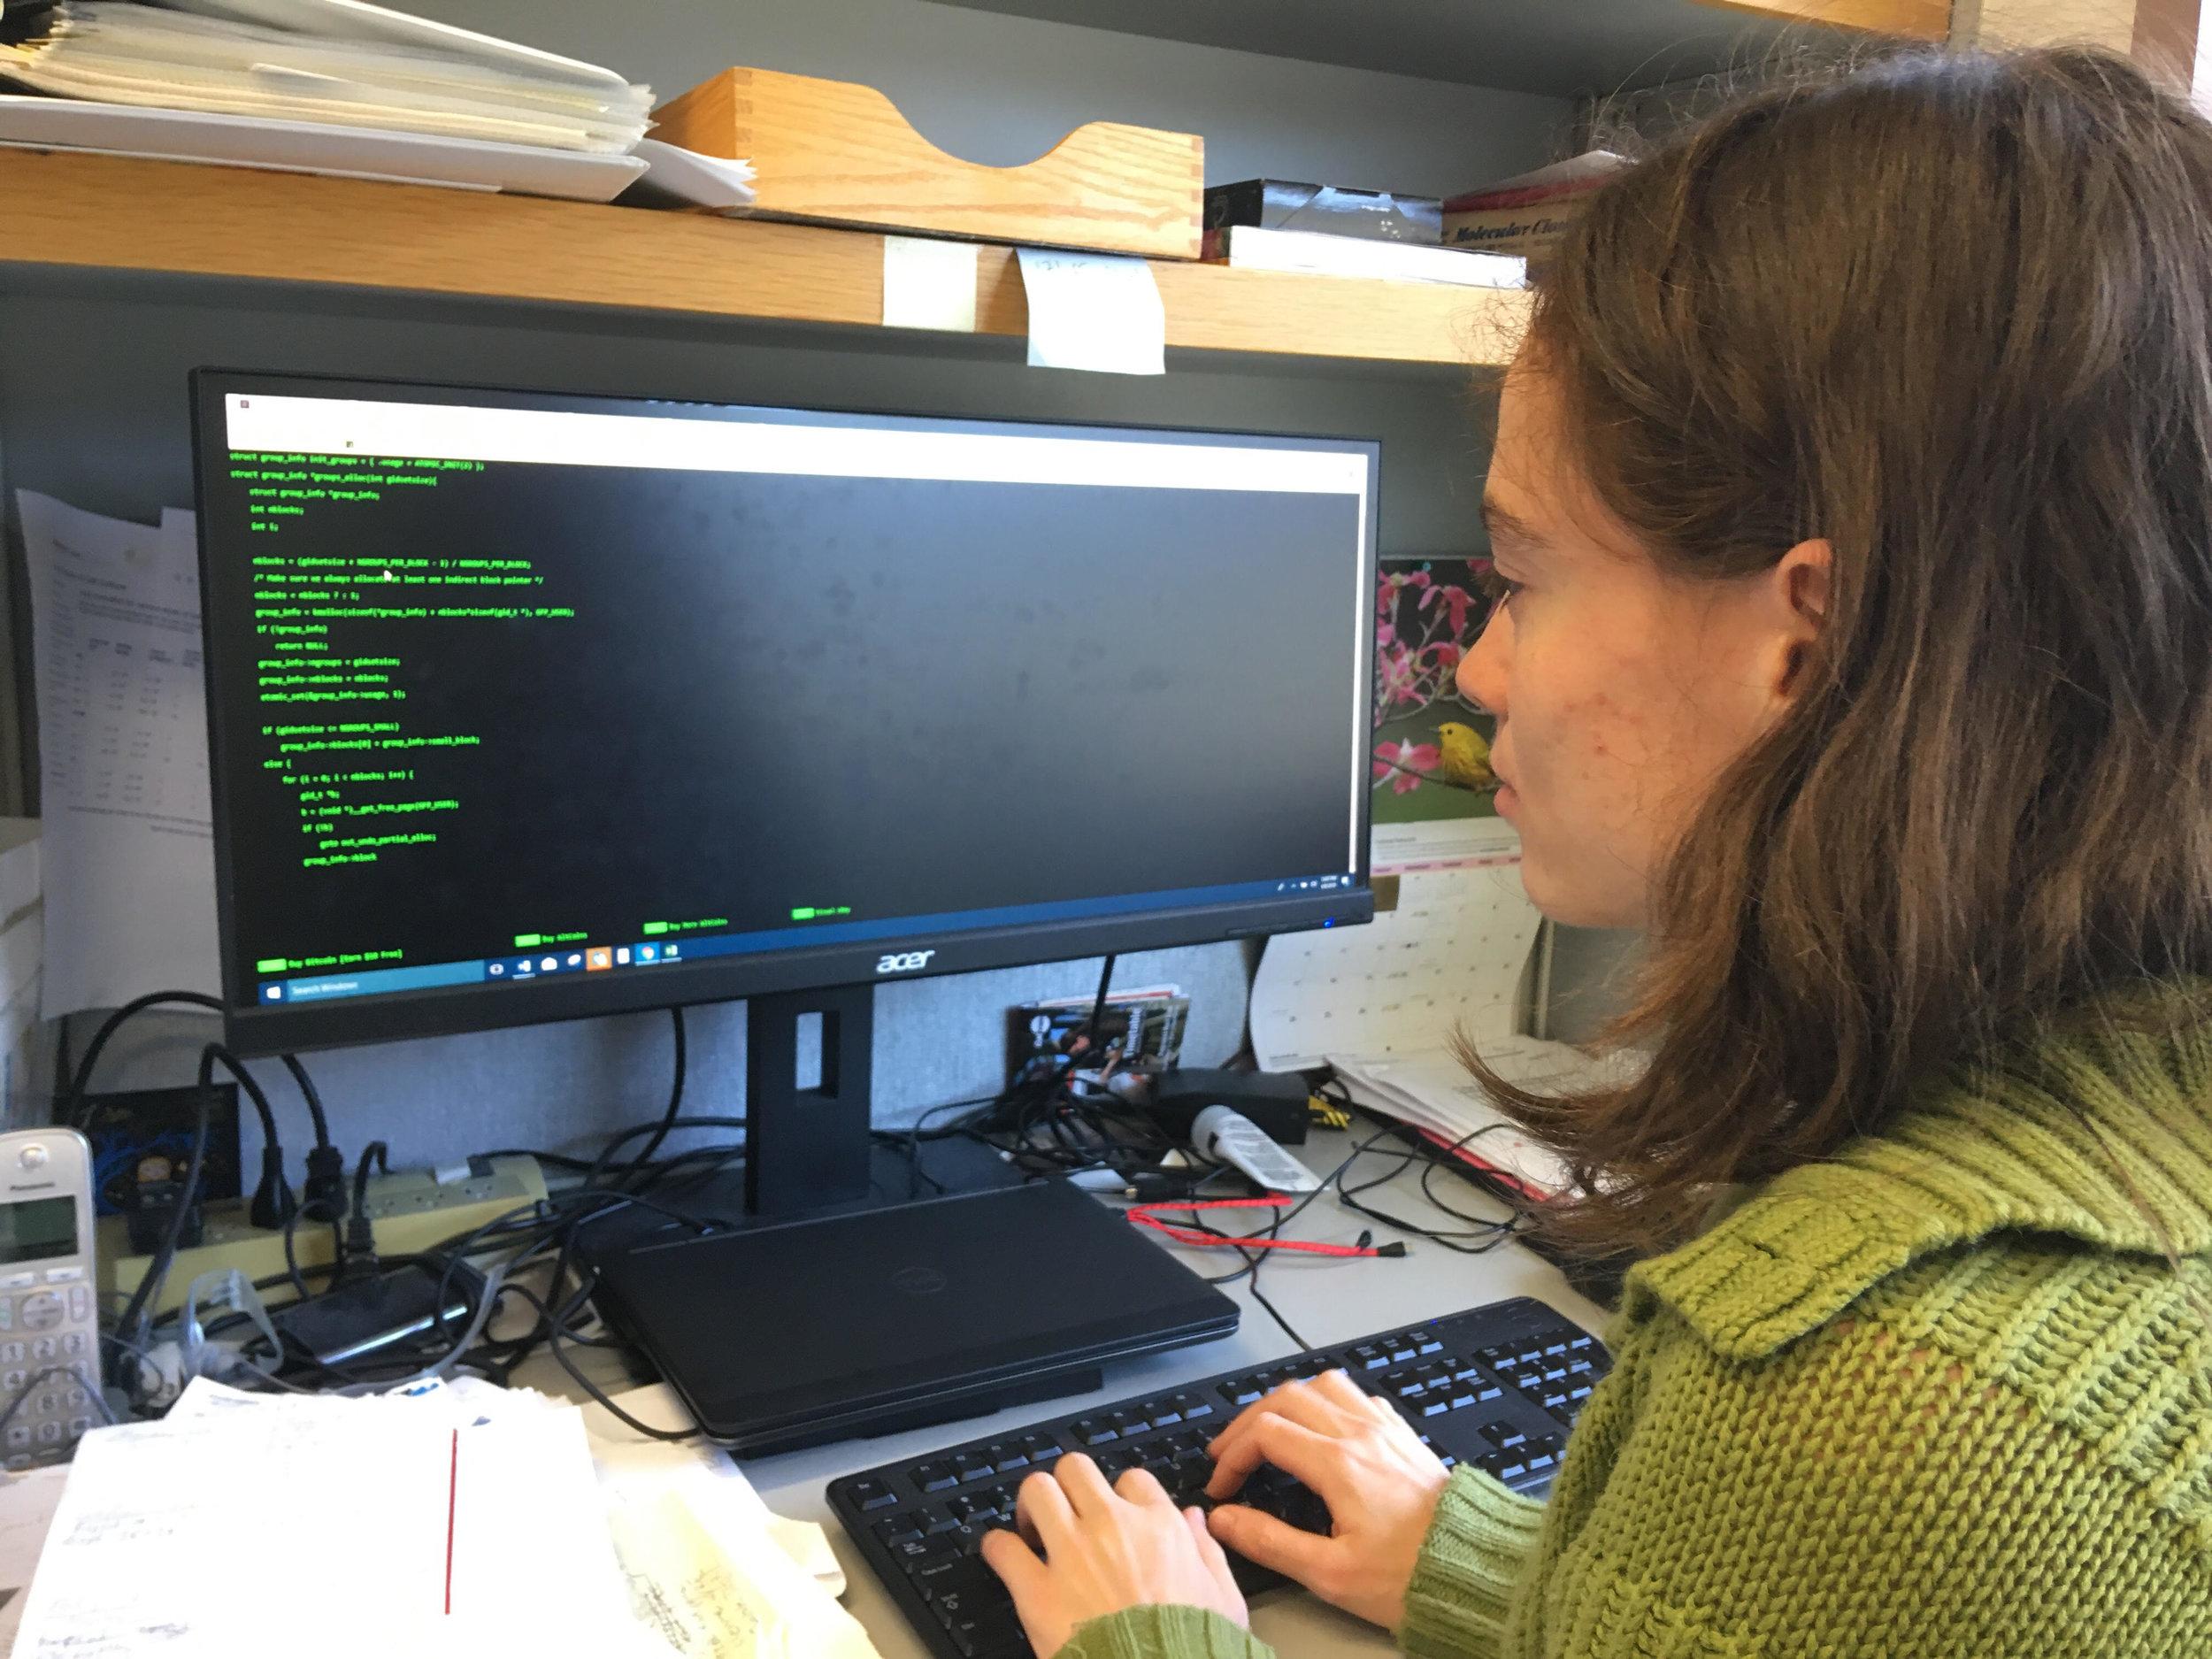 julia_focus_typing.jpg